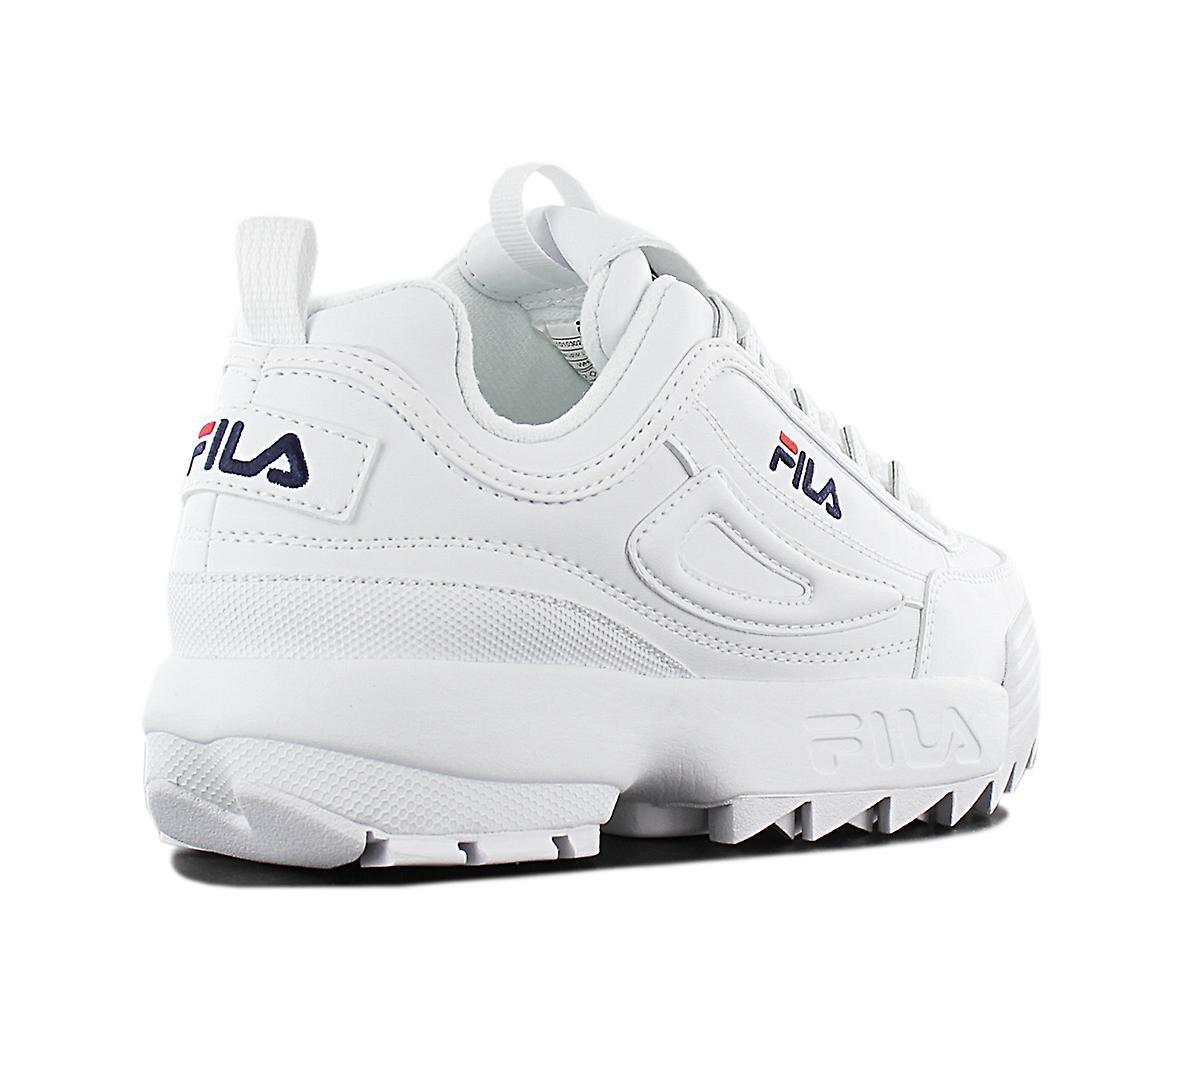 Fila disruptor lav W 1010302.1 FG kvinners sko hvit sneaker sport sko